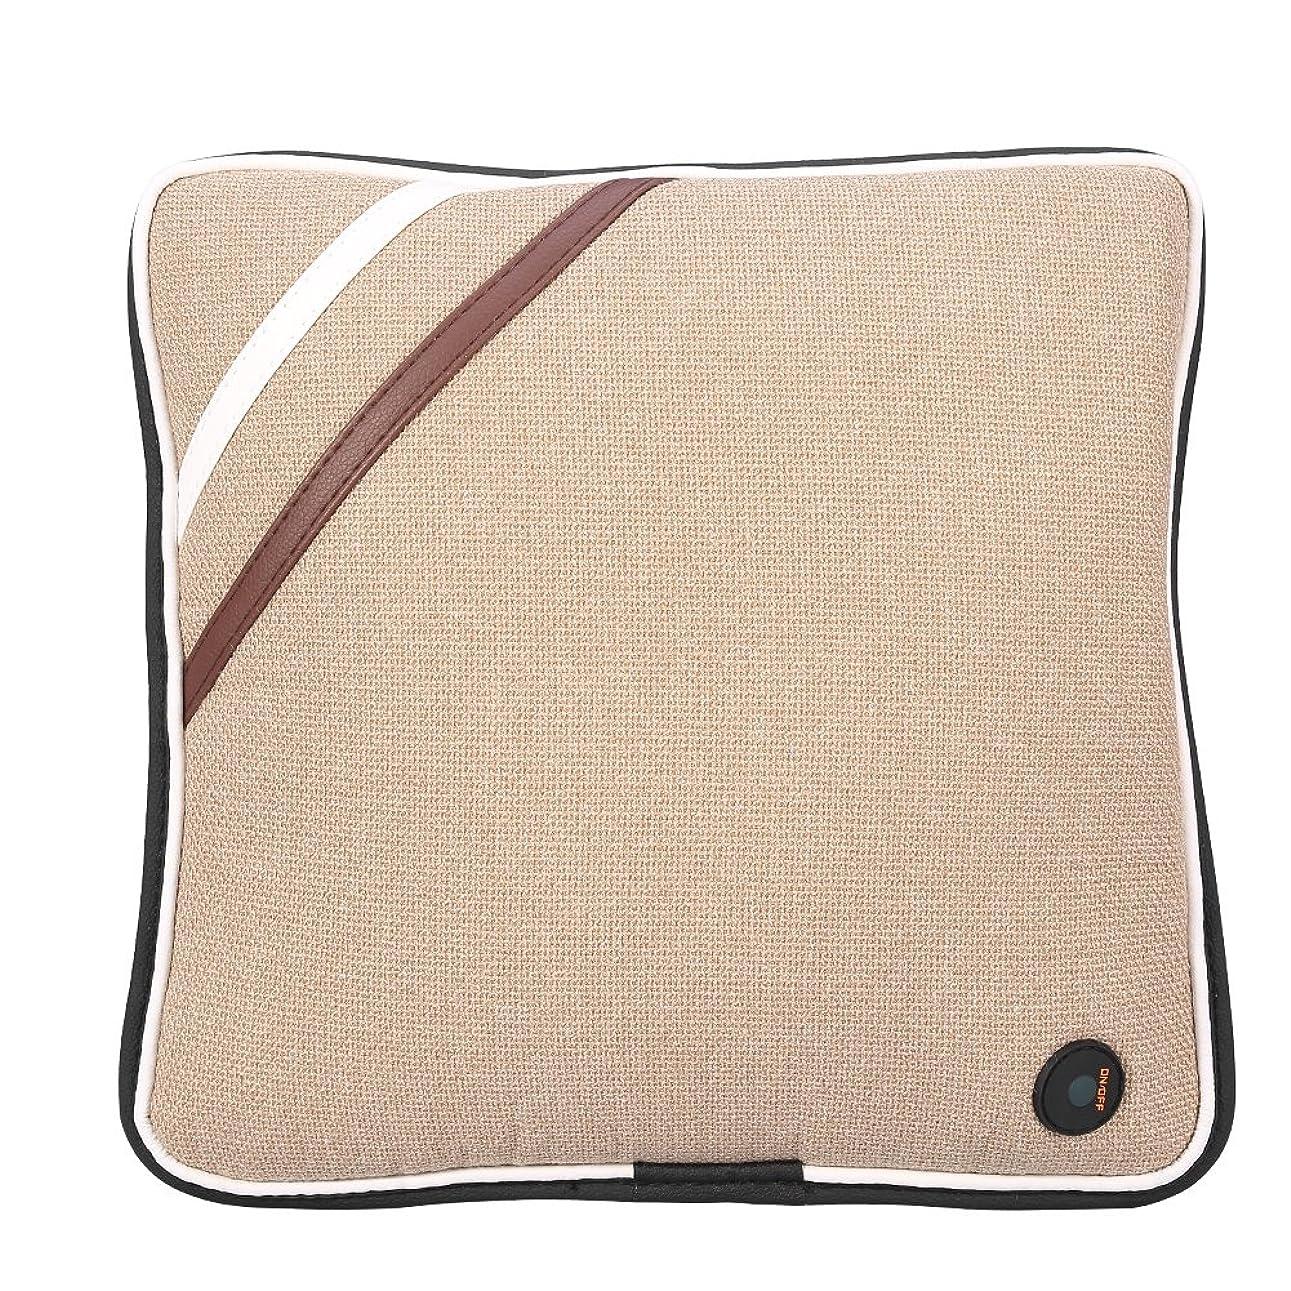 キャプチャー先のことを考える政治的電気マッサージの枕、旅行車の家、セリウム/FDA/RoHS/LVDの証明のためのUSBの再充電可能で柔らかい綿の首の背部クッションのマッサージャー(Linen Beige)